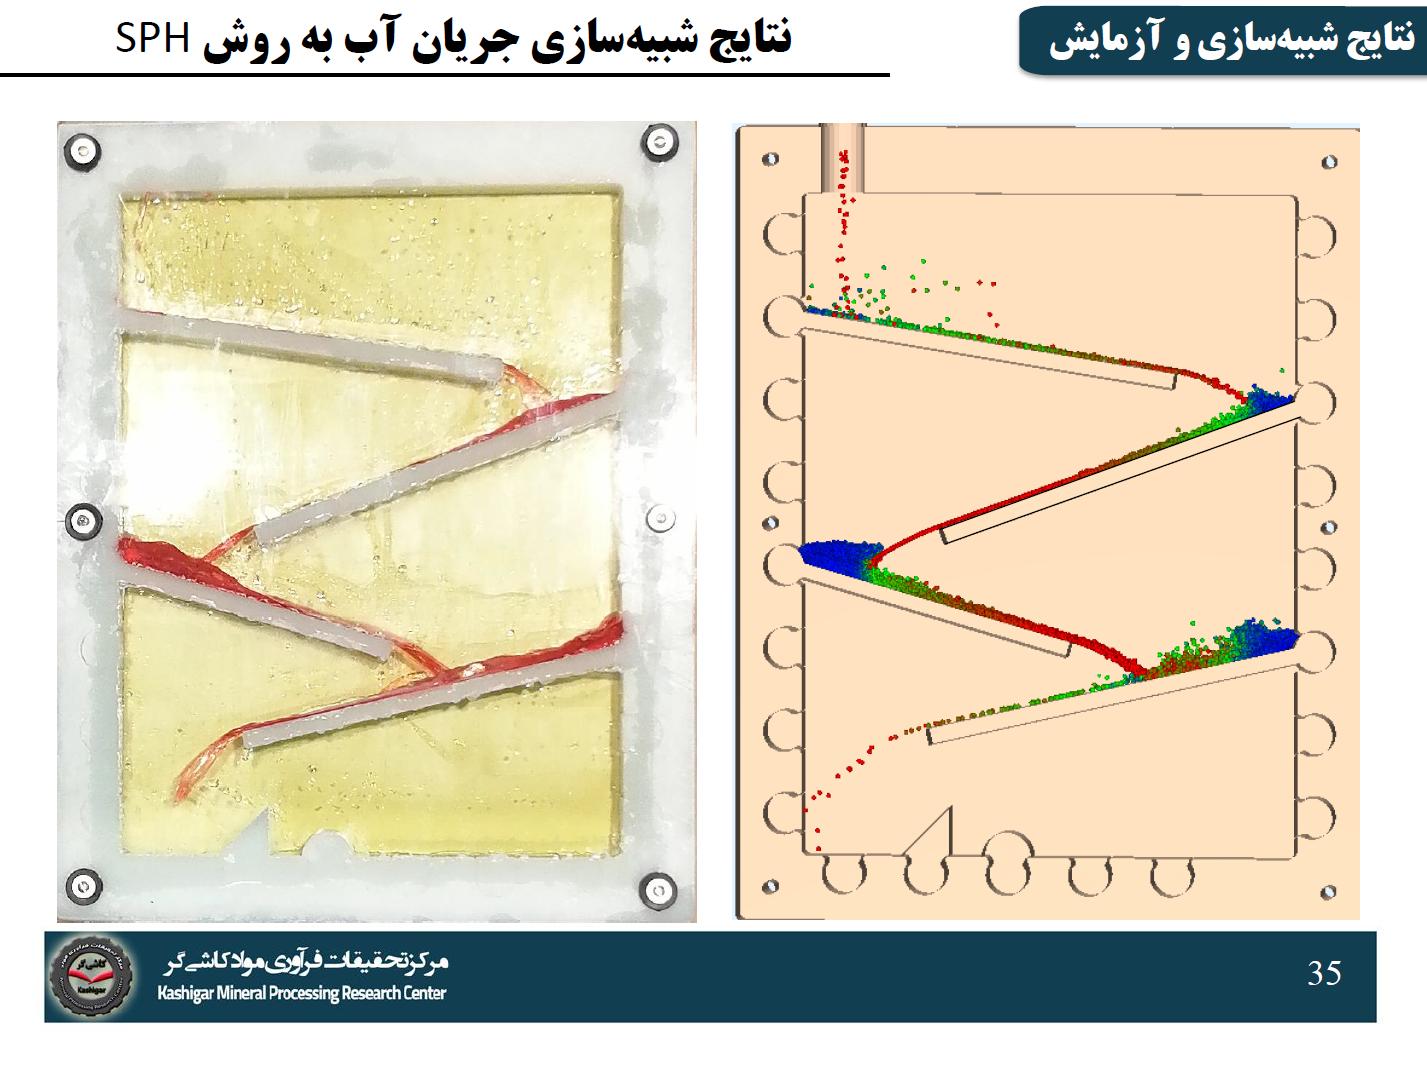 سیصد و پنجاه و پنجمین جلسه هفتگی مرکز تحقیقات کاشیگر (بررسی شبیهسازی جریان سیال به روش هیدرودینامیک هموارشده ذرات (SPH))